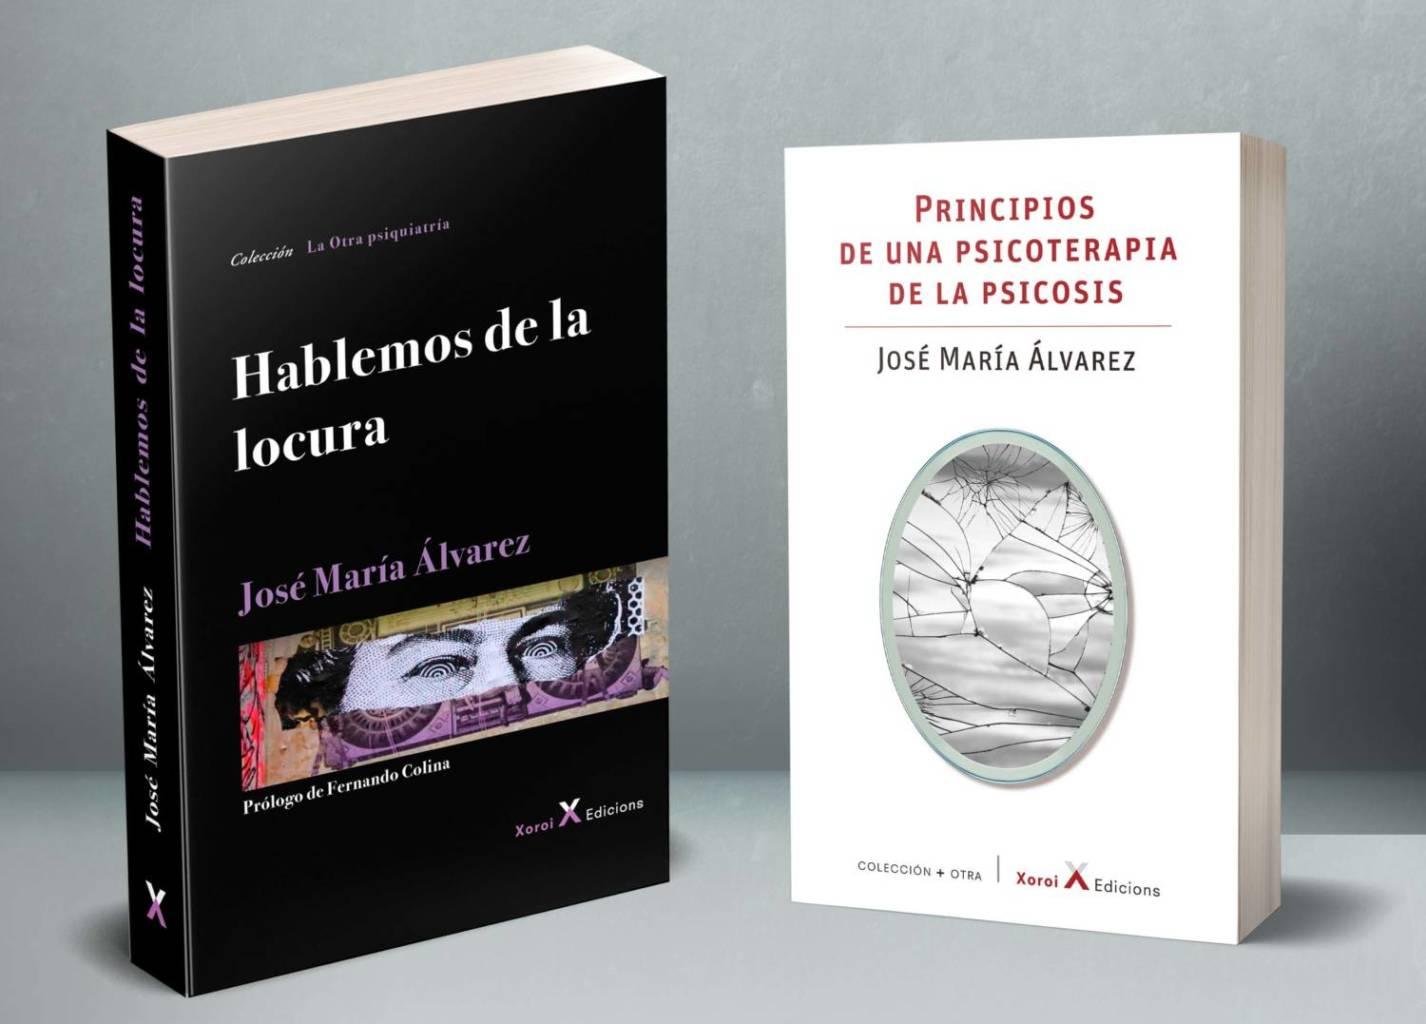 Hablemos de la locura - Principios de una psicoterapia de la psicosis - José María Álvarez